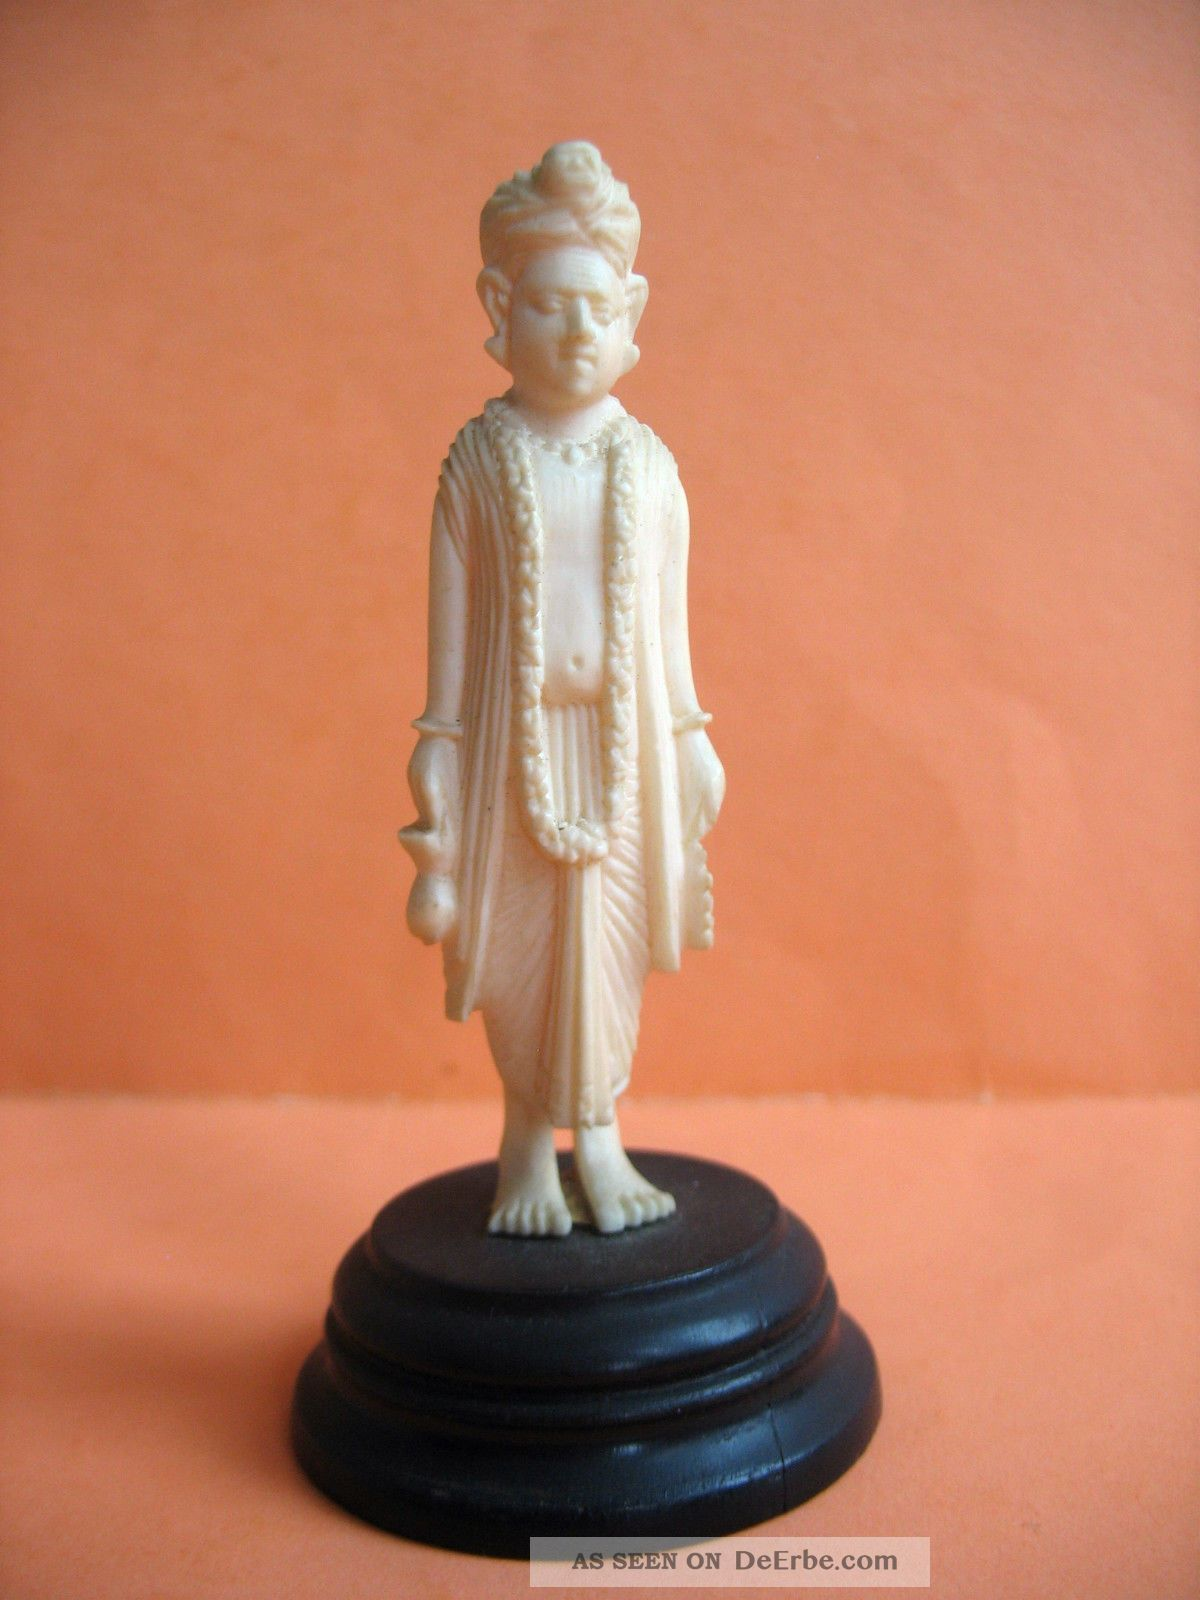 Beinschnitzerei Auf Sockel - Indische Gottheit Beinarbeiten Bild